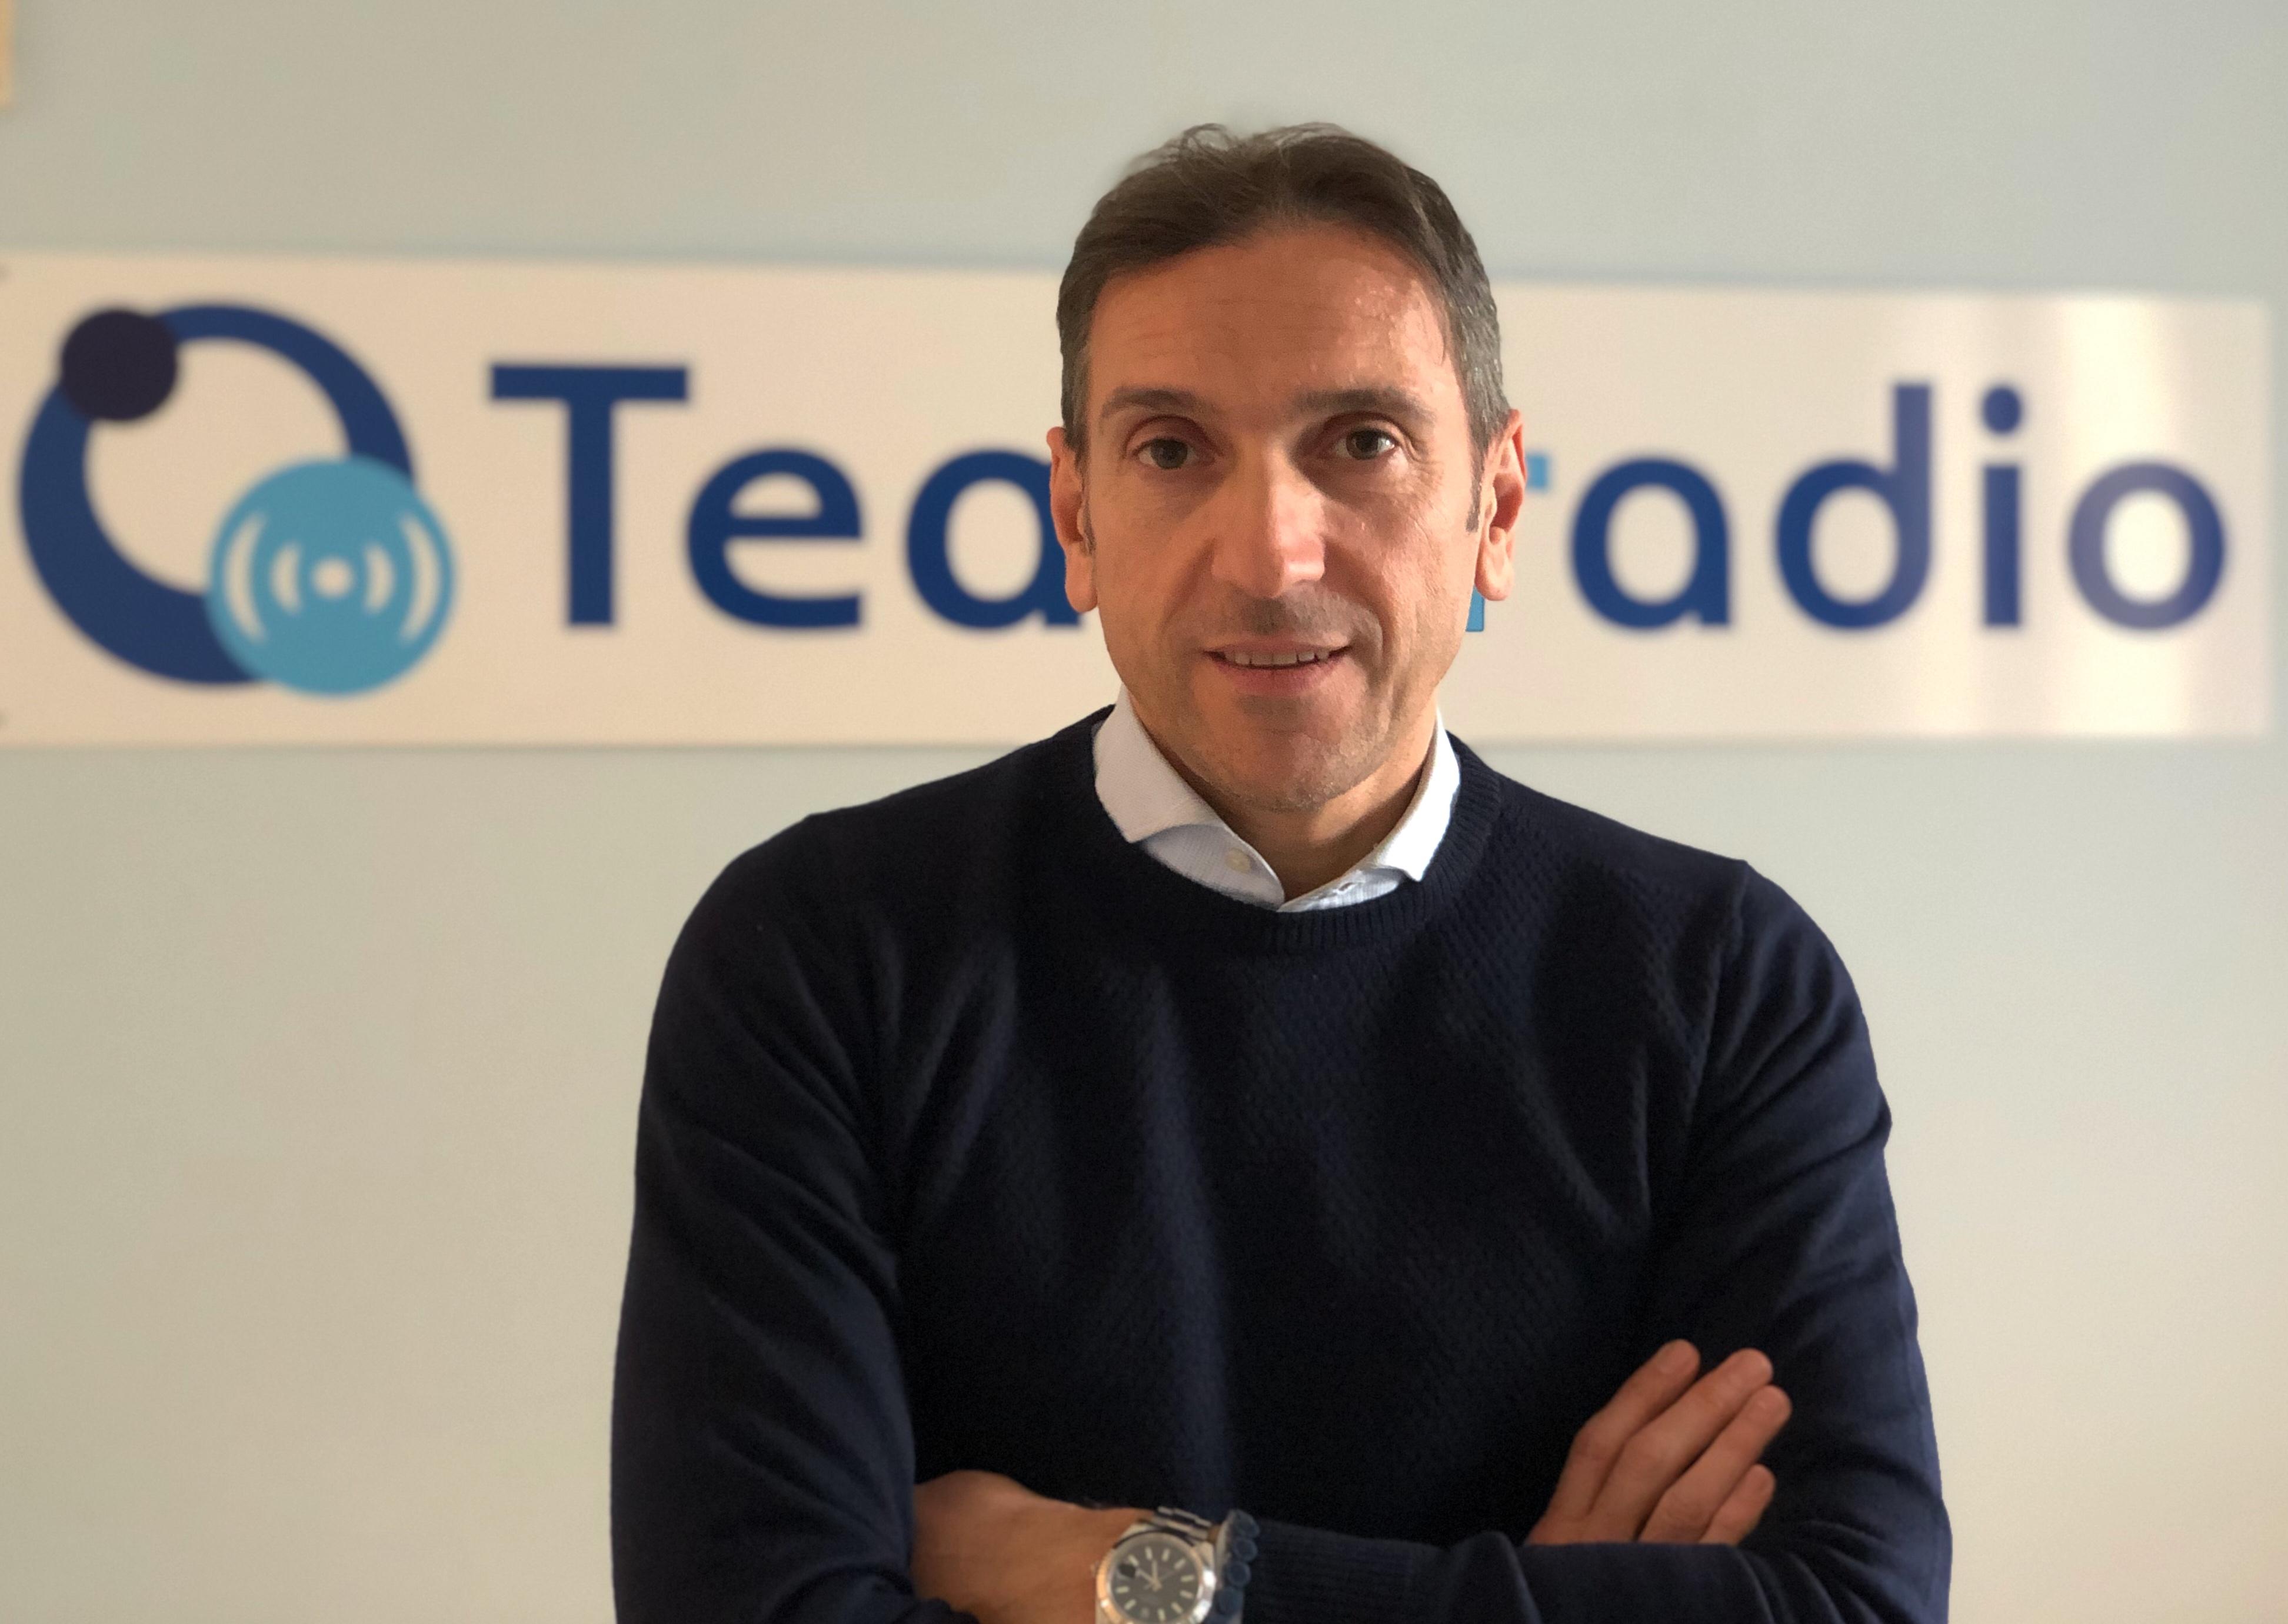 Foto Fabio Rastelli Teamradio - Radio. Pubblicità: quando un'emittente è appetibile per il digital audio? Teamradio lo spiega a NL